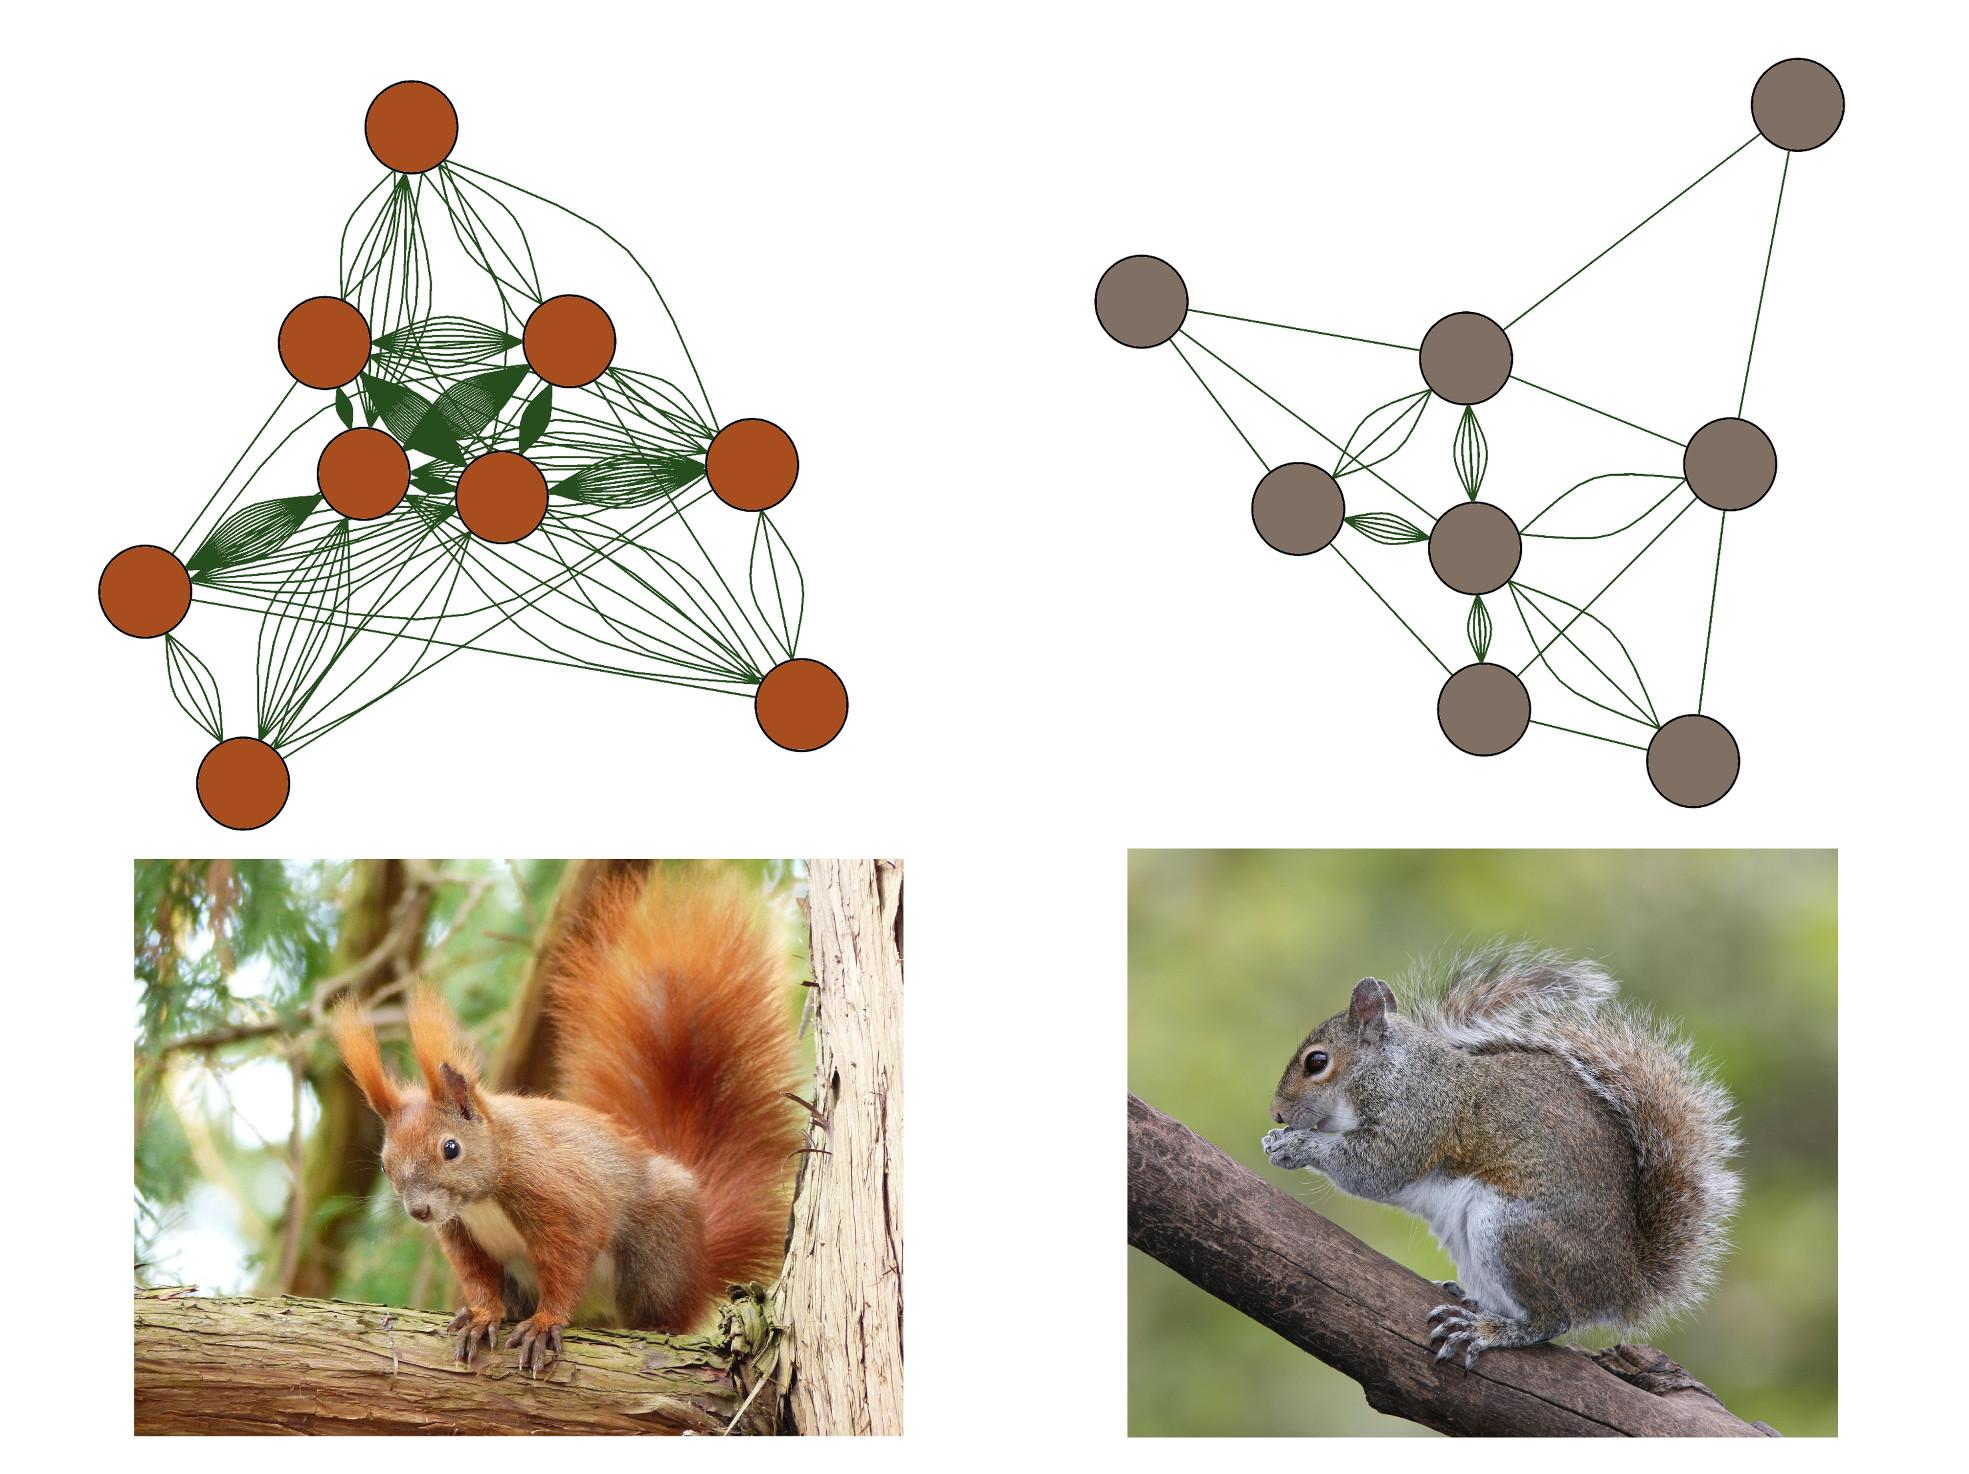 La visualisation en réseau du comportement des écureuils roux (à gauche) et gris (à droite) évalués par des vidéos sur Youtube